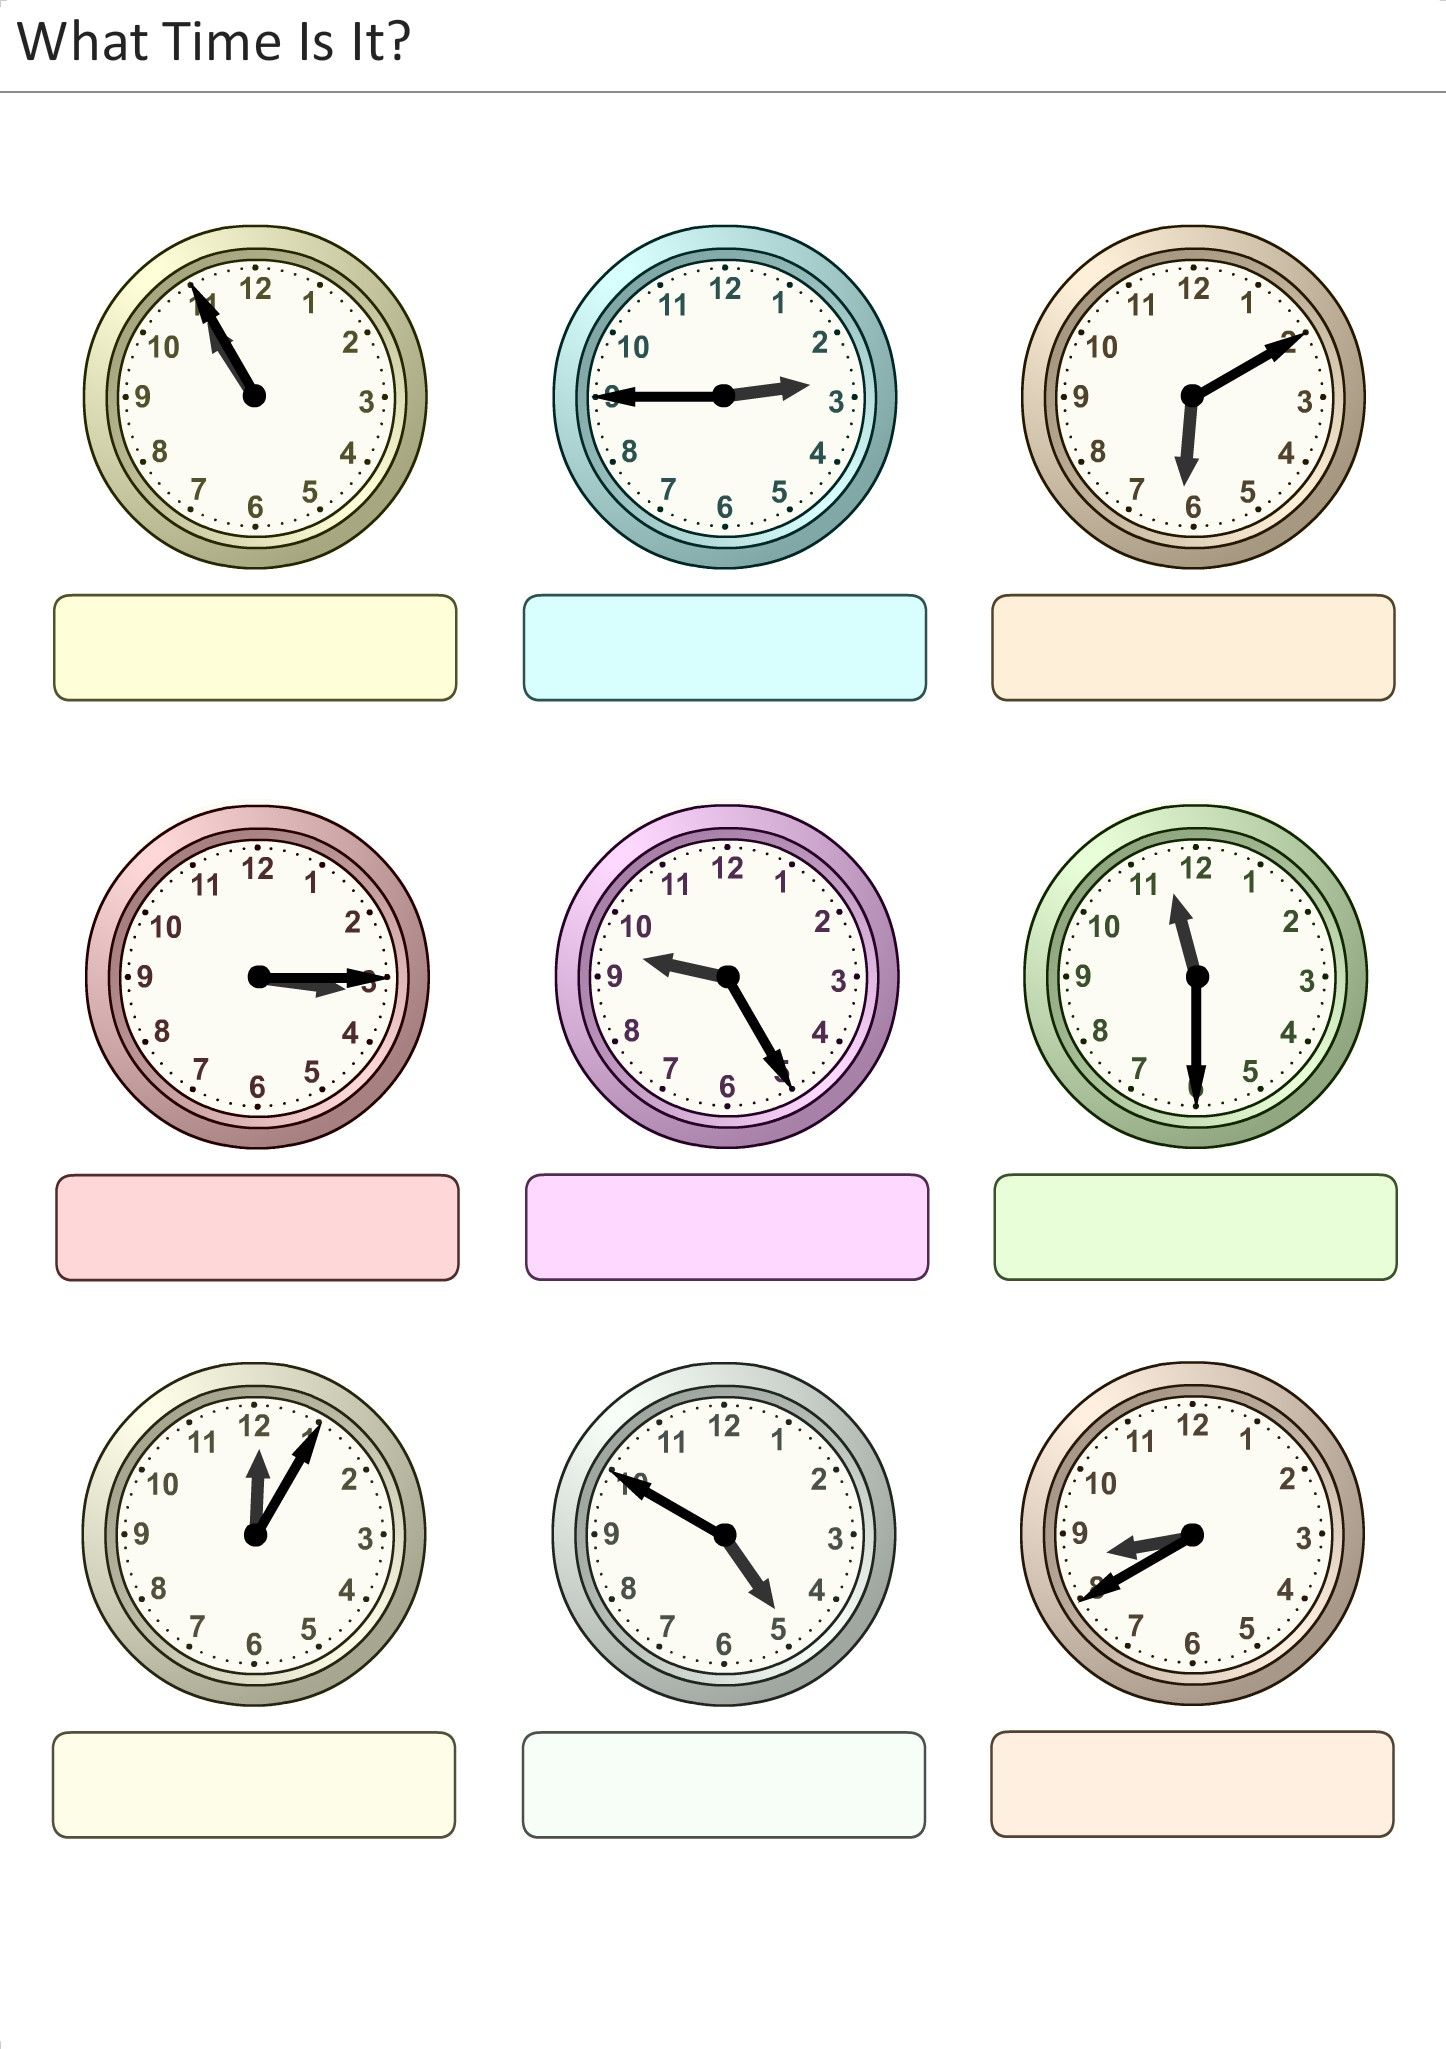 Worksheets Que Hora Es Worksheet actividades para preescolar primaria e inicial plantillas con relojes analogicos aprender la